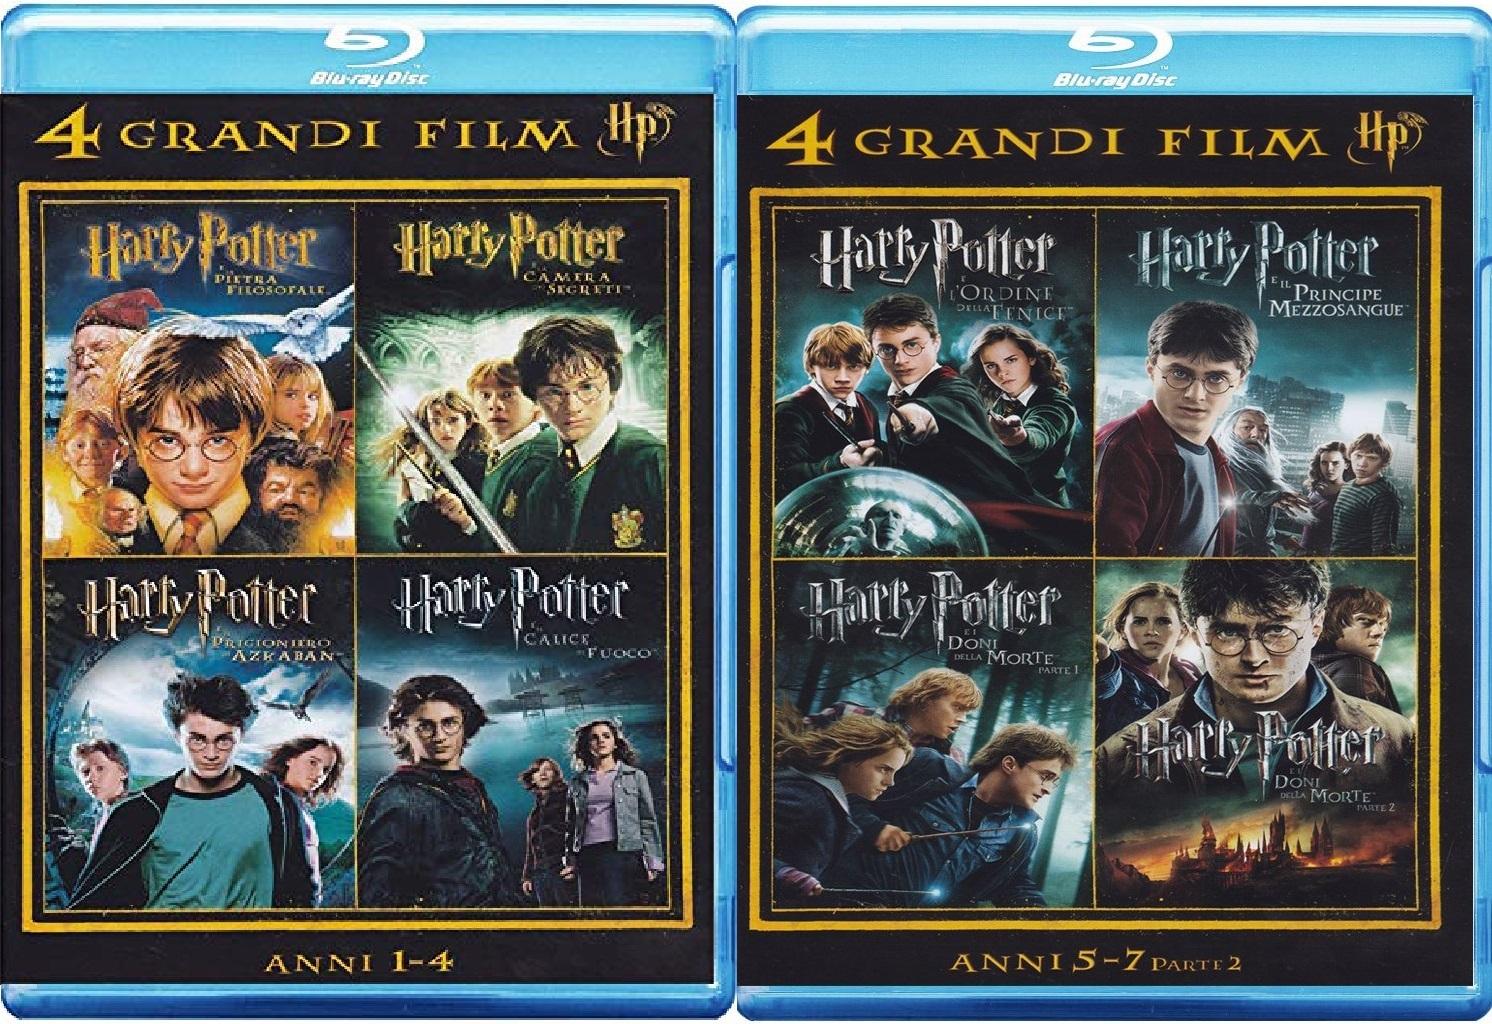 [Amazon.it] Harry Potter 1 - 7.2 Blu-ray zusammen für nur 16,15€ inkl. Versand